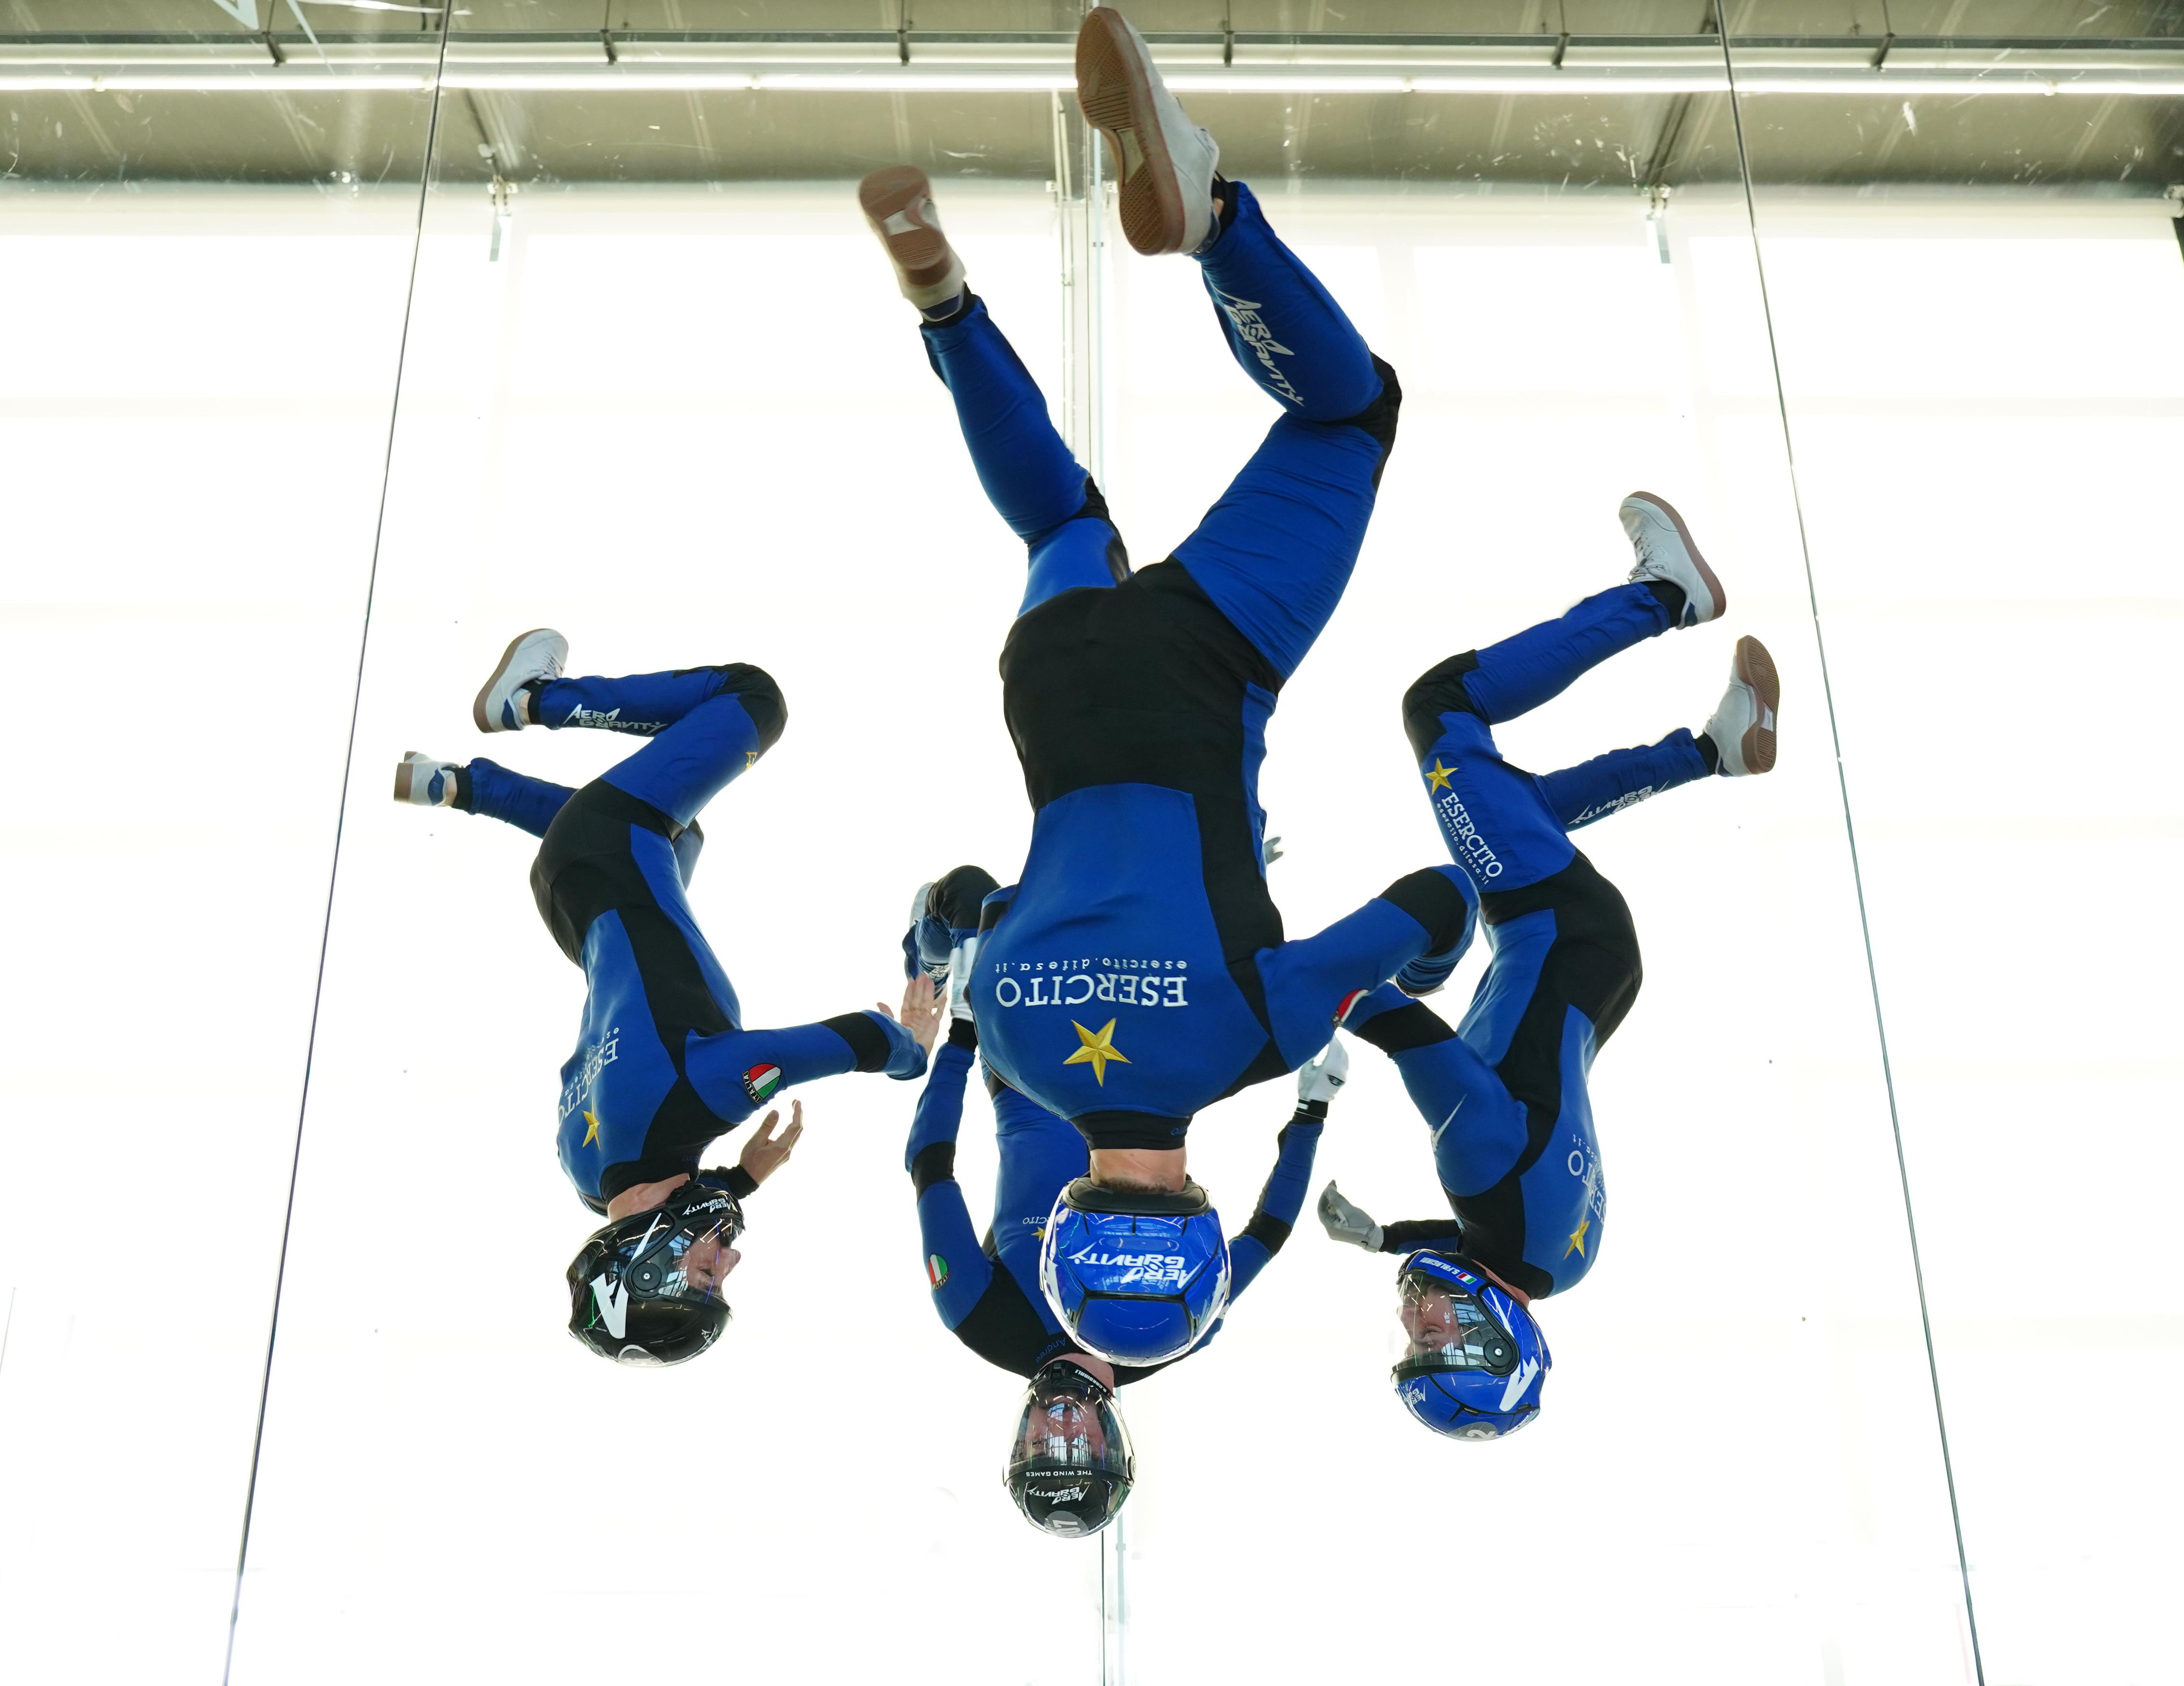 Volo gravitazionale-Aerogravity-Milano